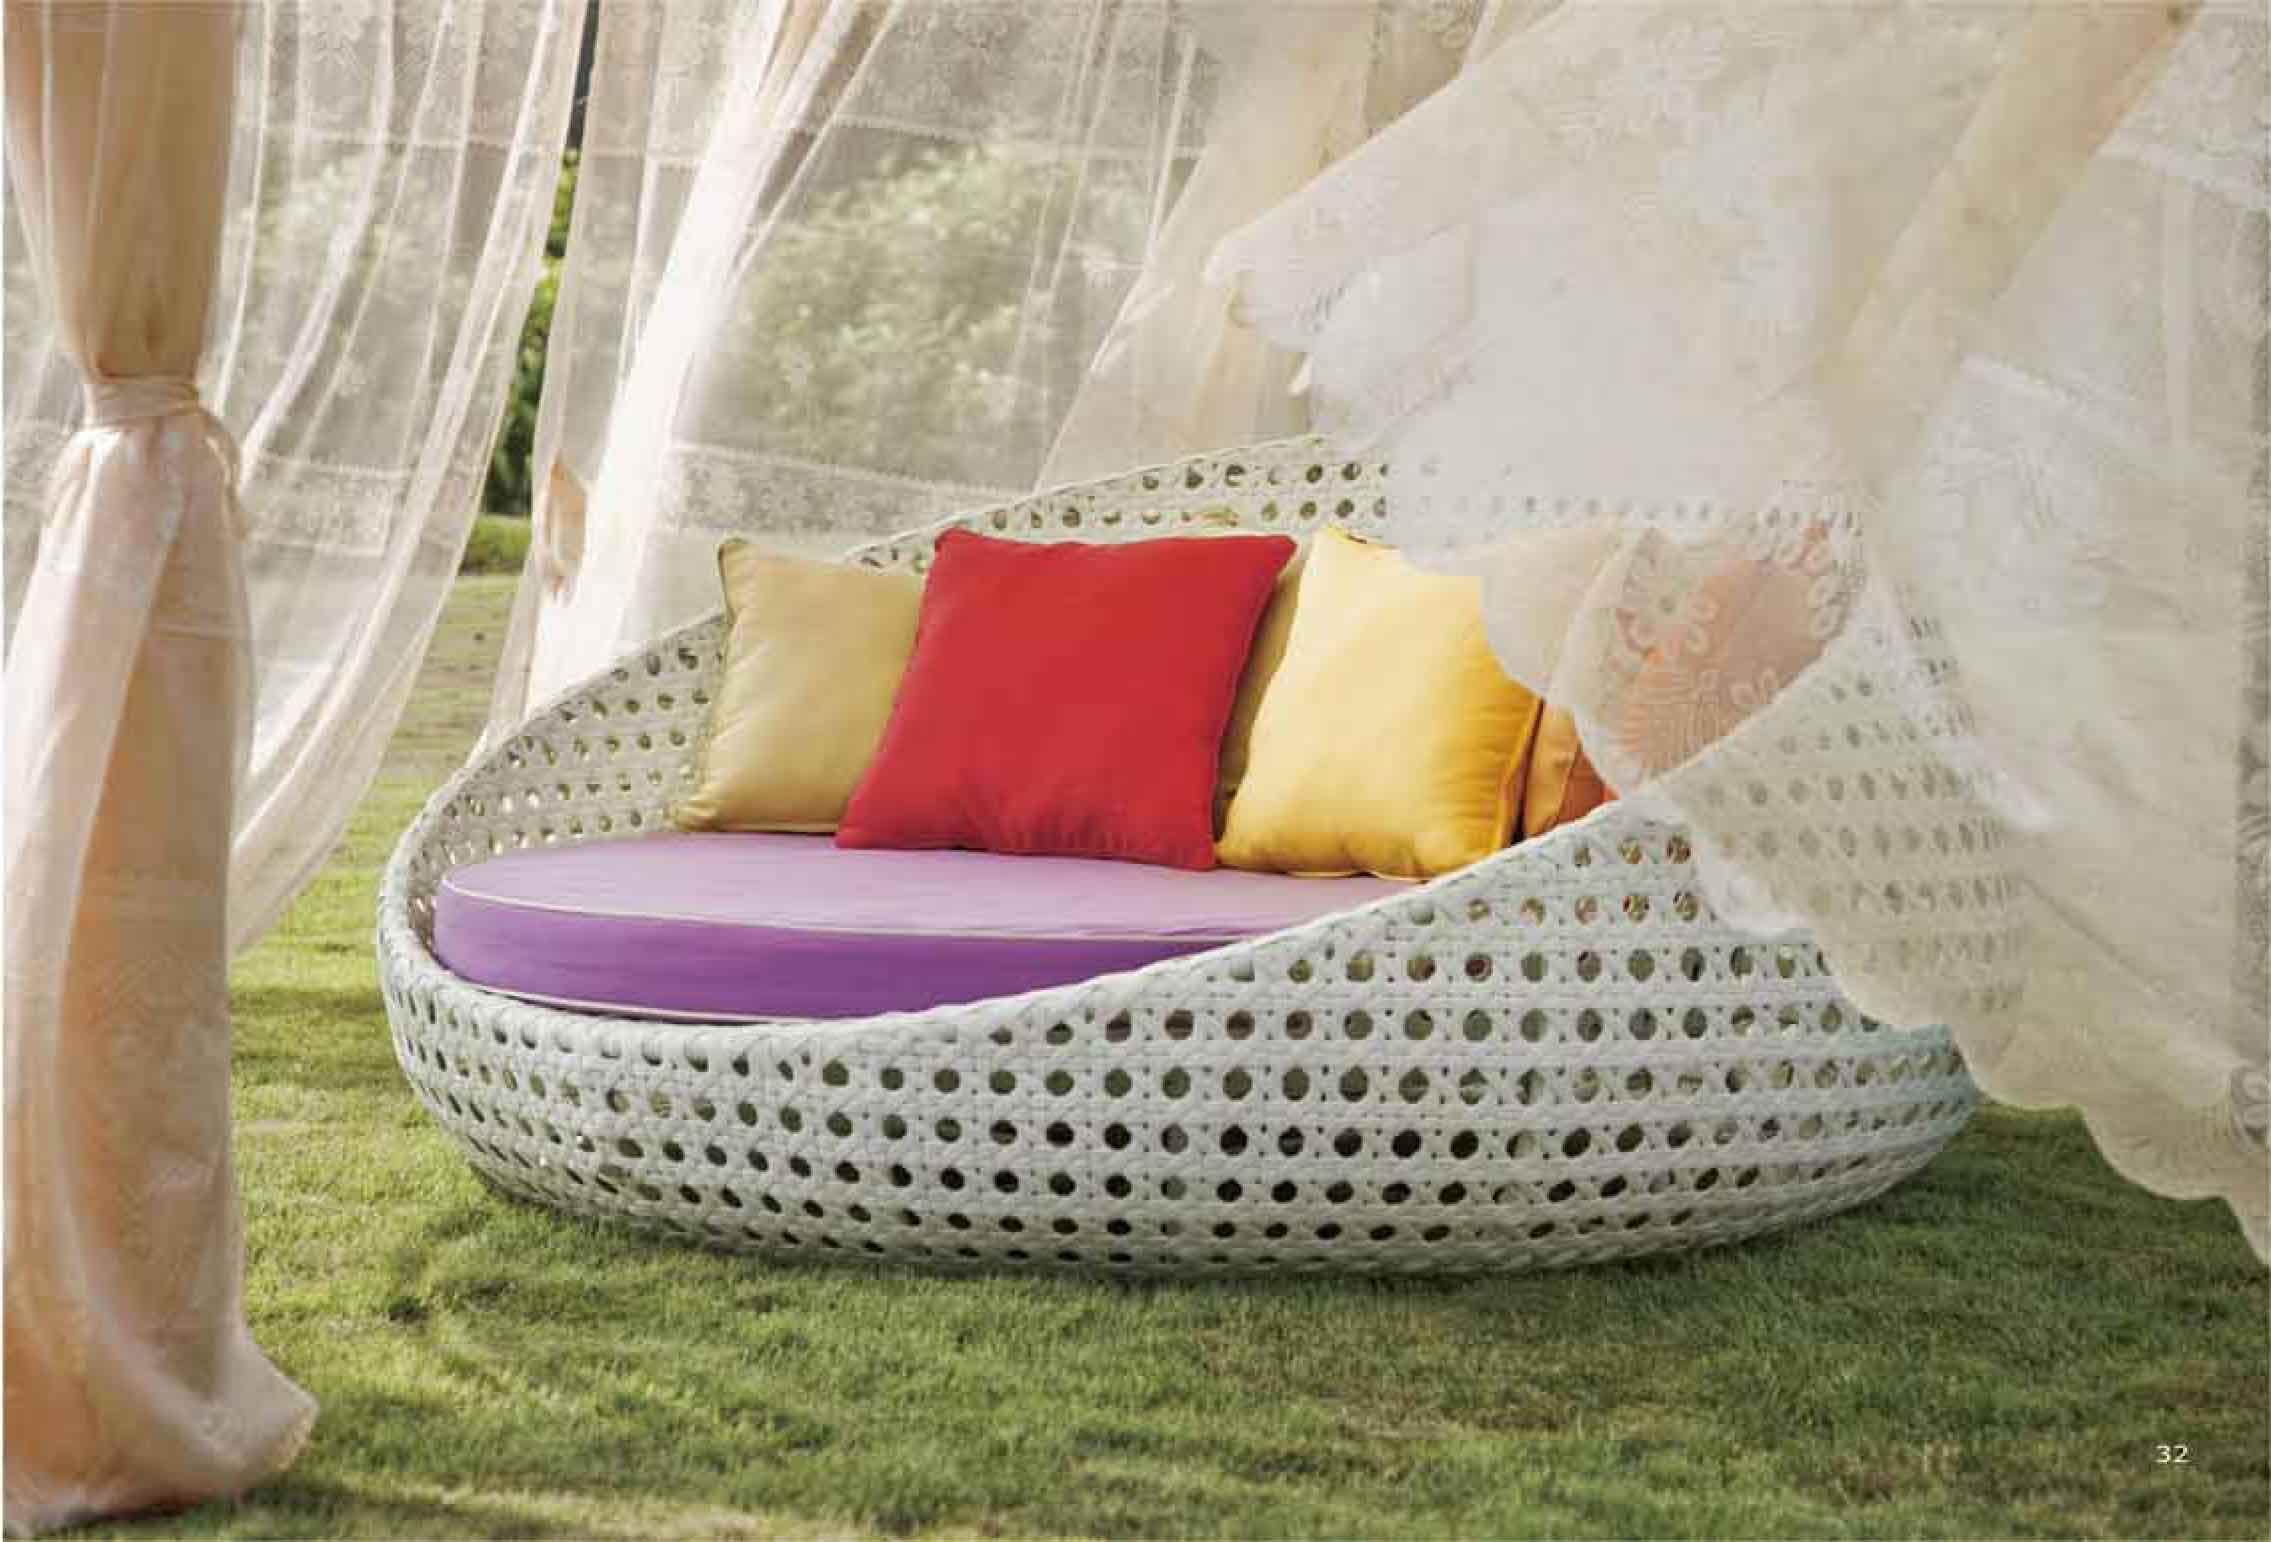 S3056 round bed